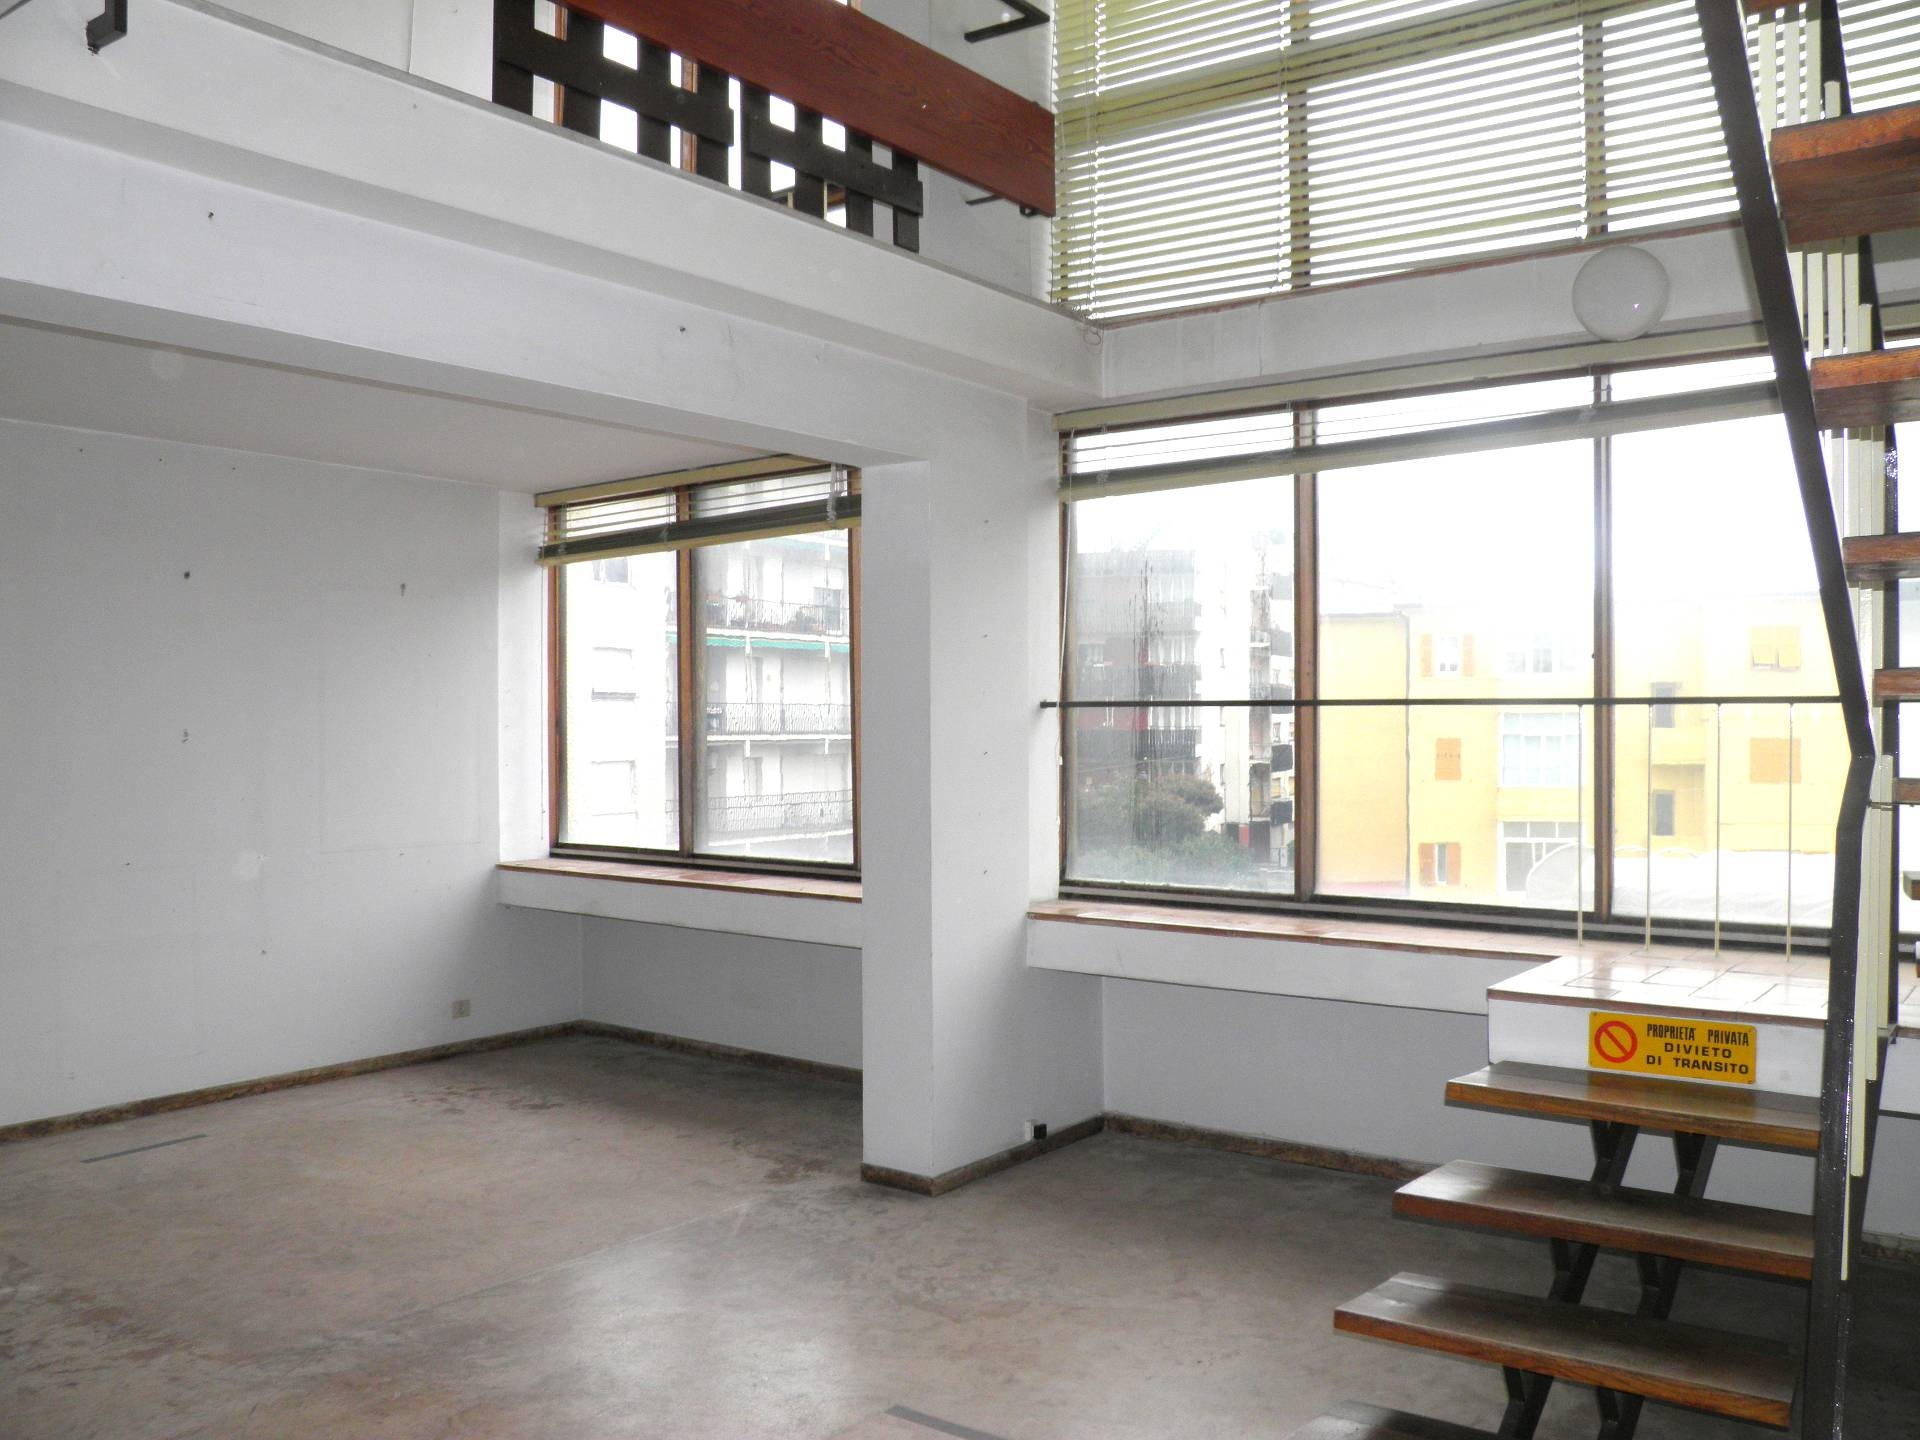 vendita appartamento albissola marina   230000 euro  3 locali  105 mq